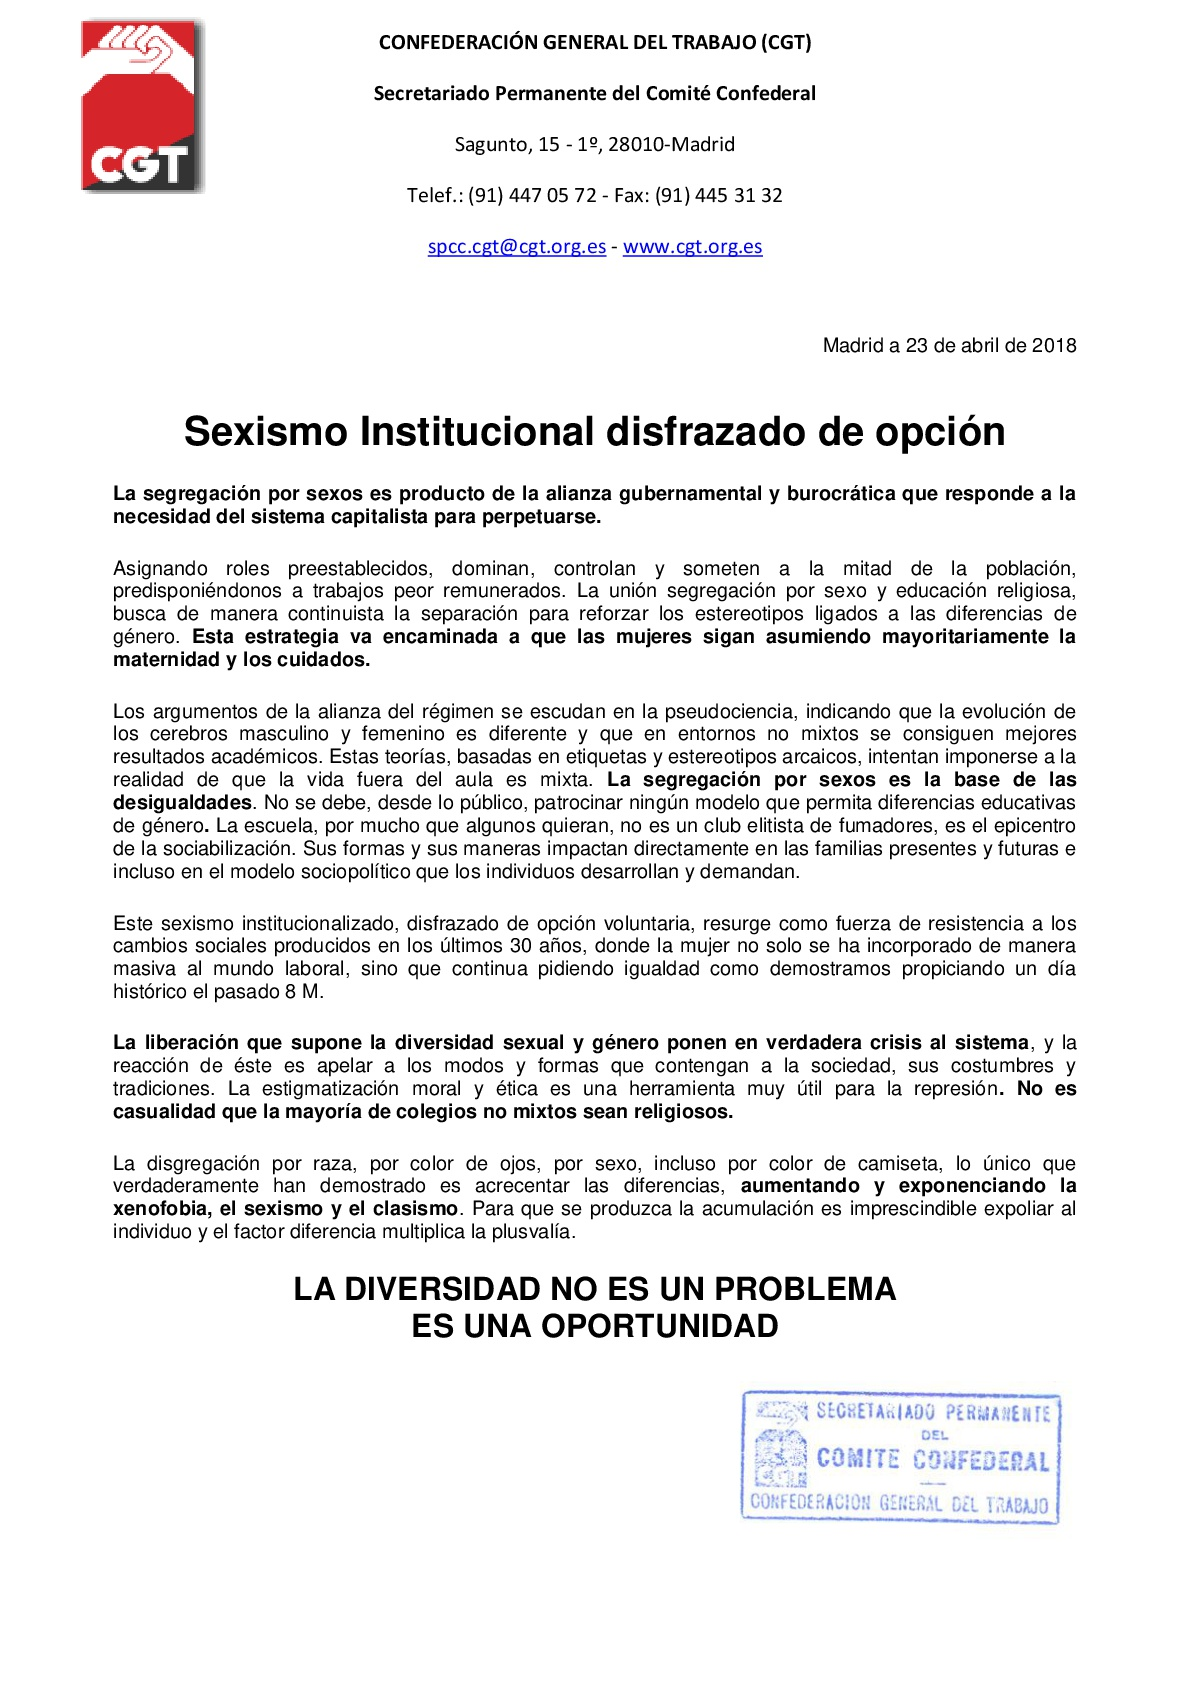 COMUNICADO - Sexismo Institucional disfrazado de opción-001